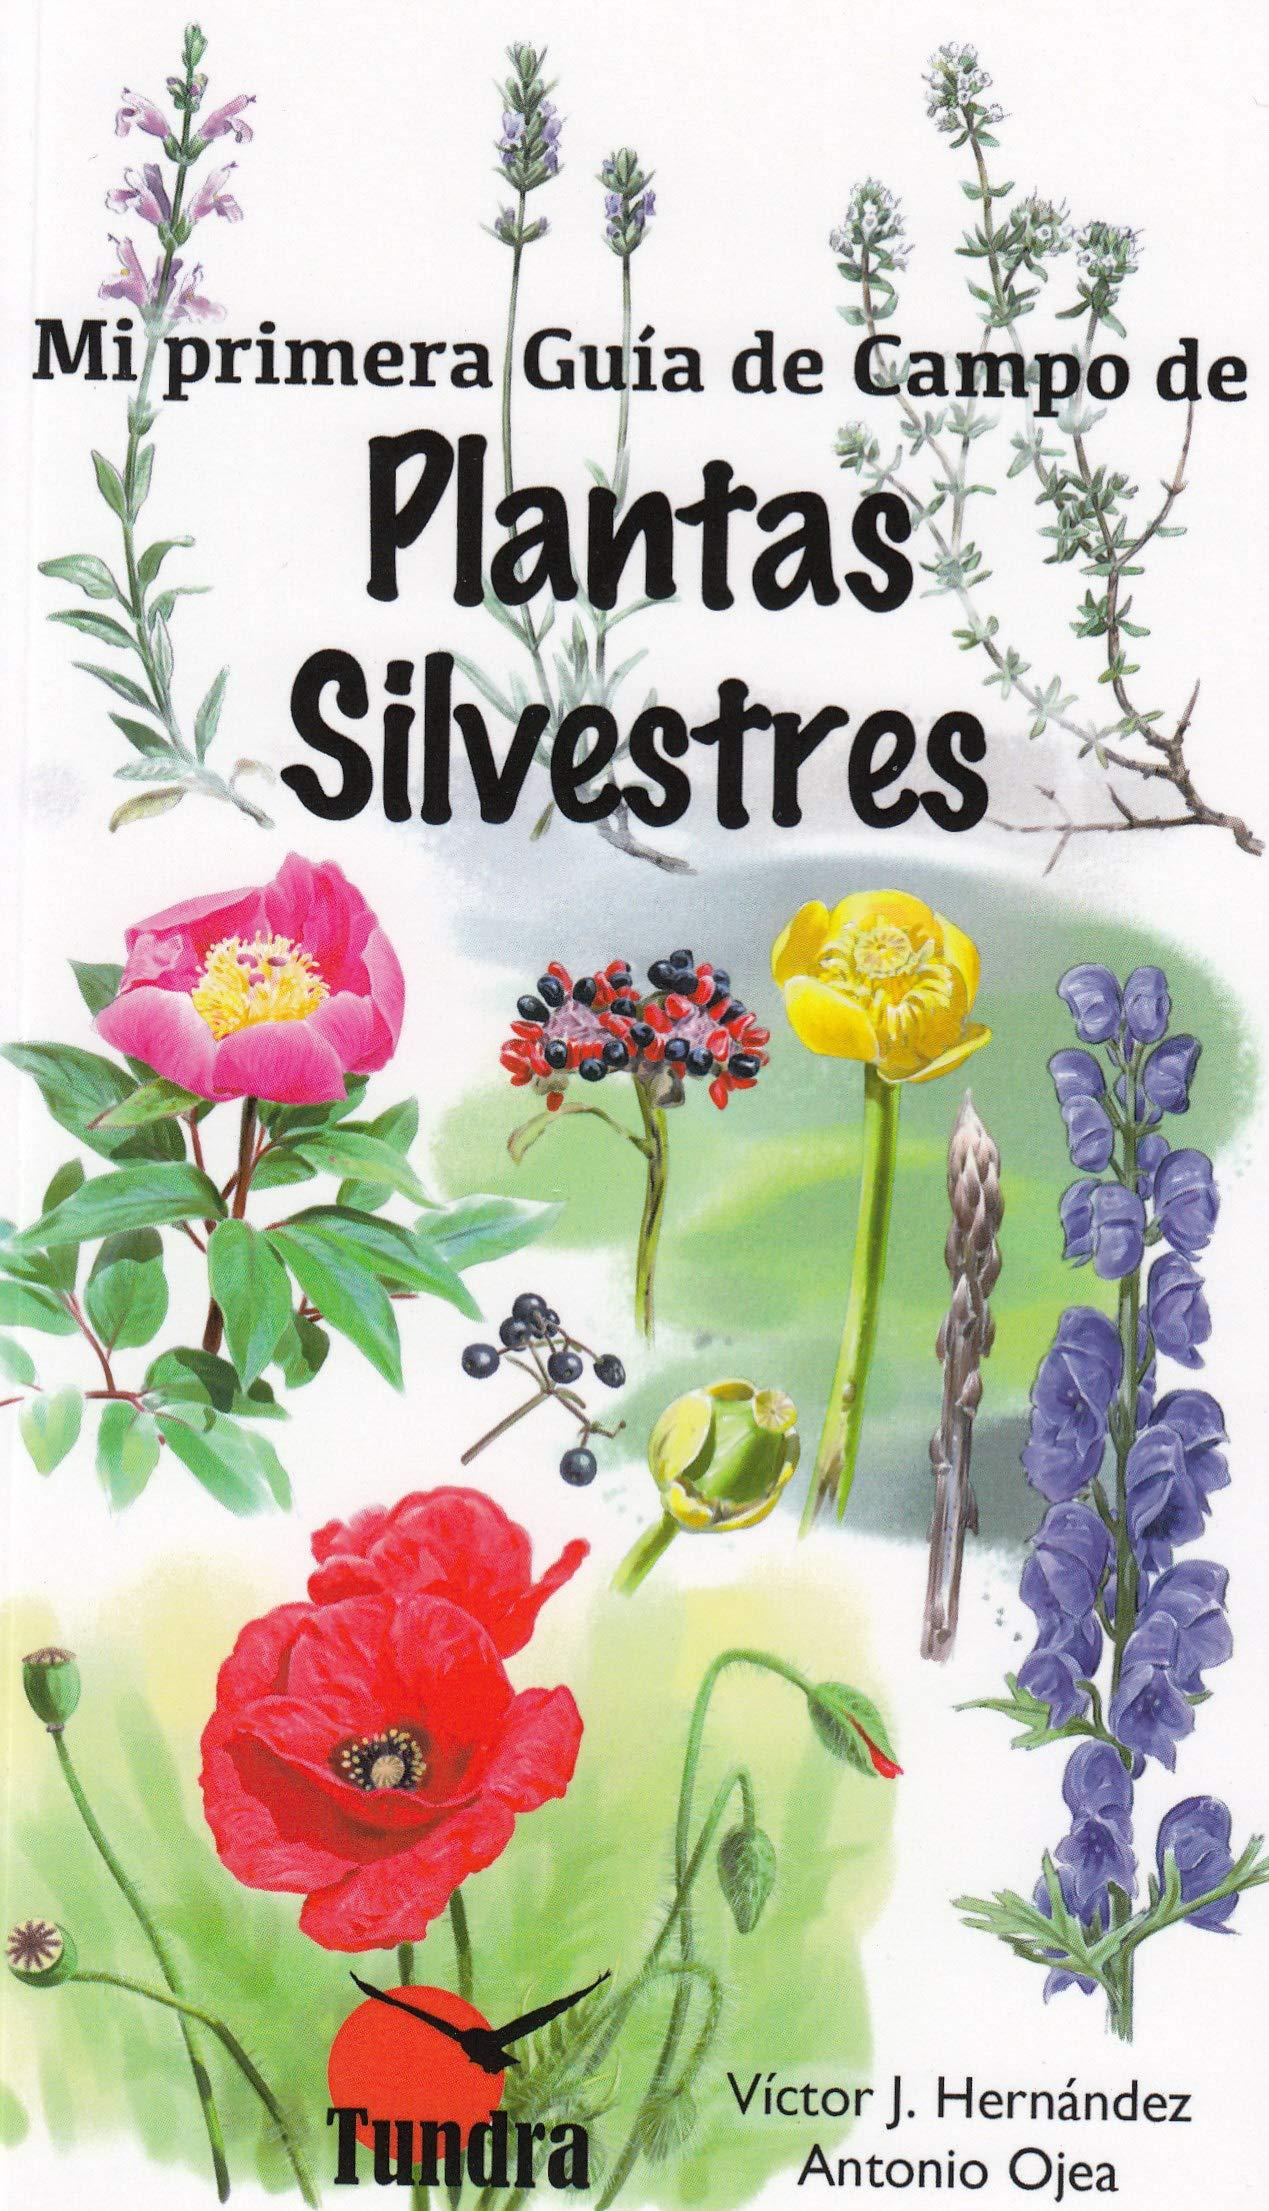 Mi primera guia de campo de plantas silvestres: Amazon.es: Hernandez Victor, Hernandez Victor: Libros